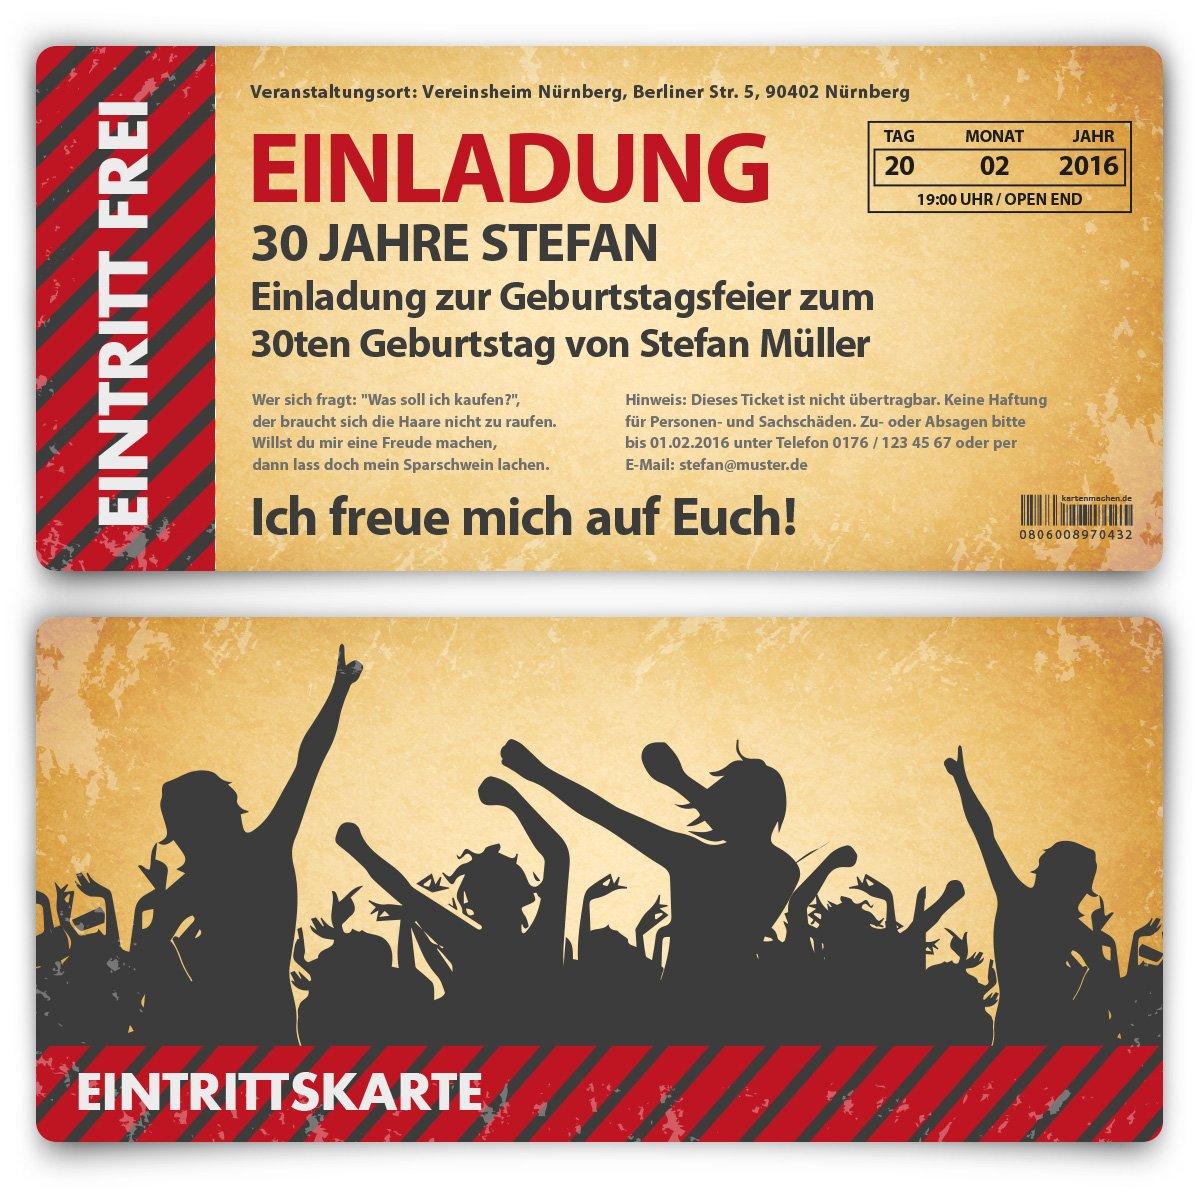 Einladungskarten Zum Geburtstag (30 Stück) Als Eintrittskarte Im  Vintage Look Ticket Karte Einladung: Amazon.de: Bürobedarf U0026 Schreibwaren